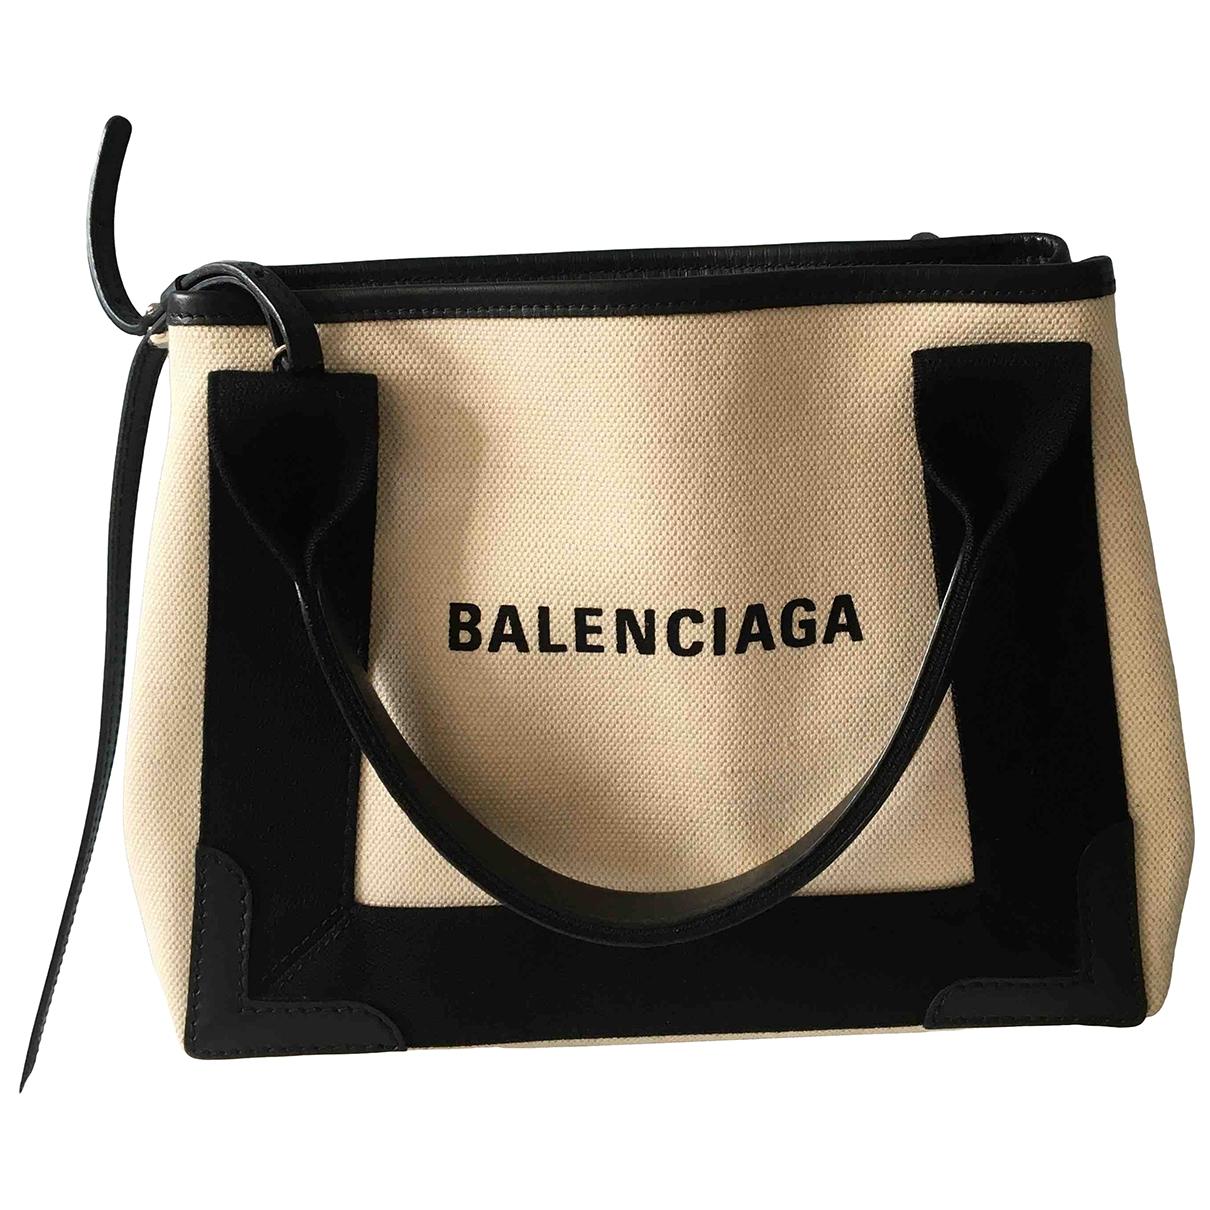 Balenciaga - Sac a main Navy cabas pour femme en toile - blanc